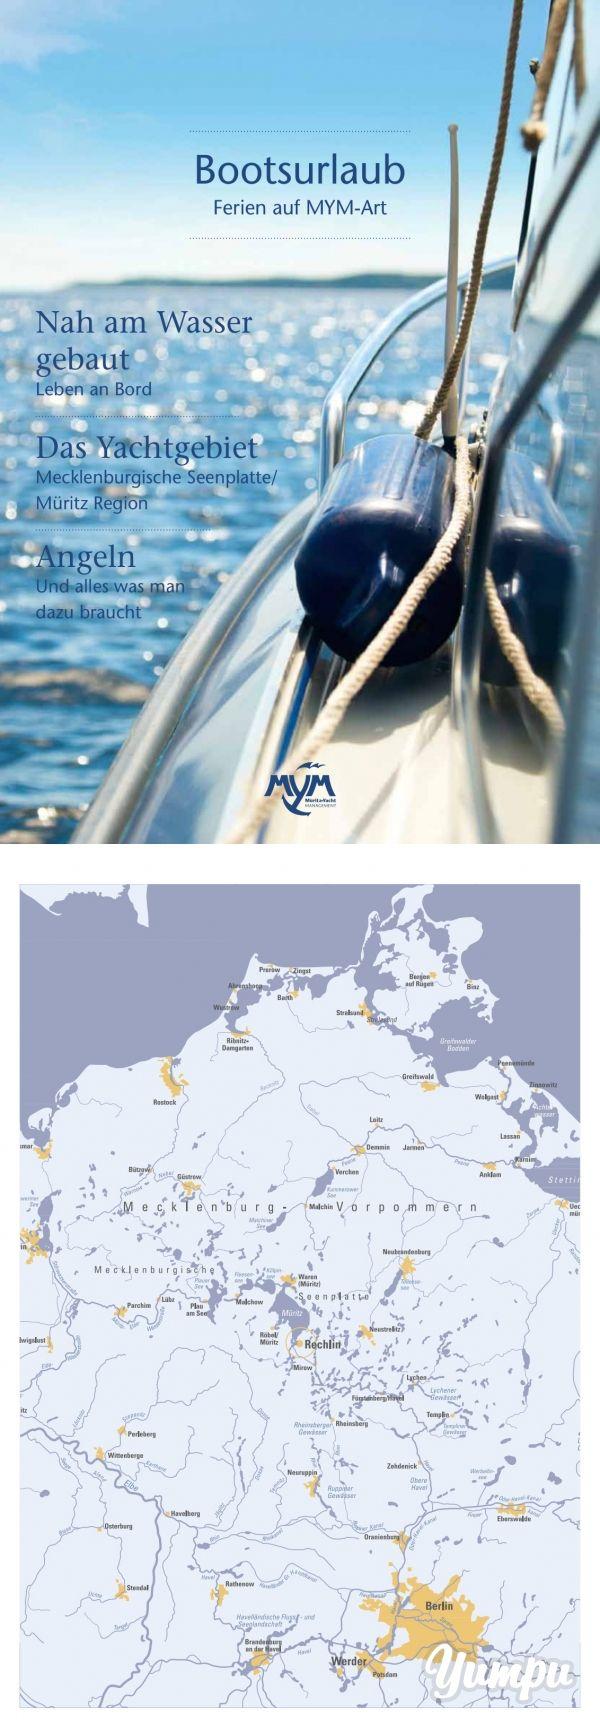 MYM - Bootsurlaub - Magazine with 28 pages: Ferien auf MYM-Art. Die Müritz ist das ideale Revier für alle, die auch als Einsteiger den 'kleinen Luxus' Yachturlaub erleben wollen. Weitere Details finden Sie auf der Internetseite des Anbieters: www.mueritz-yacht.de